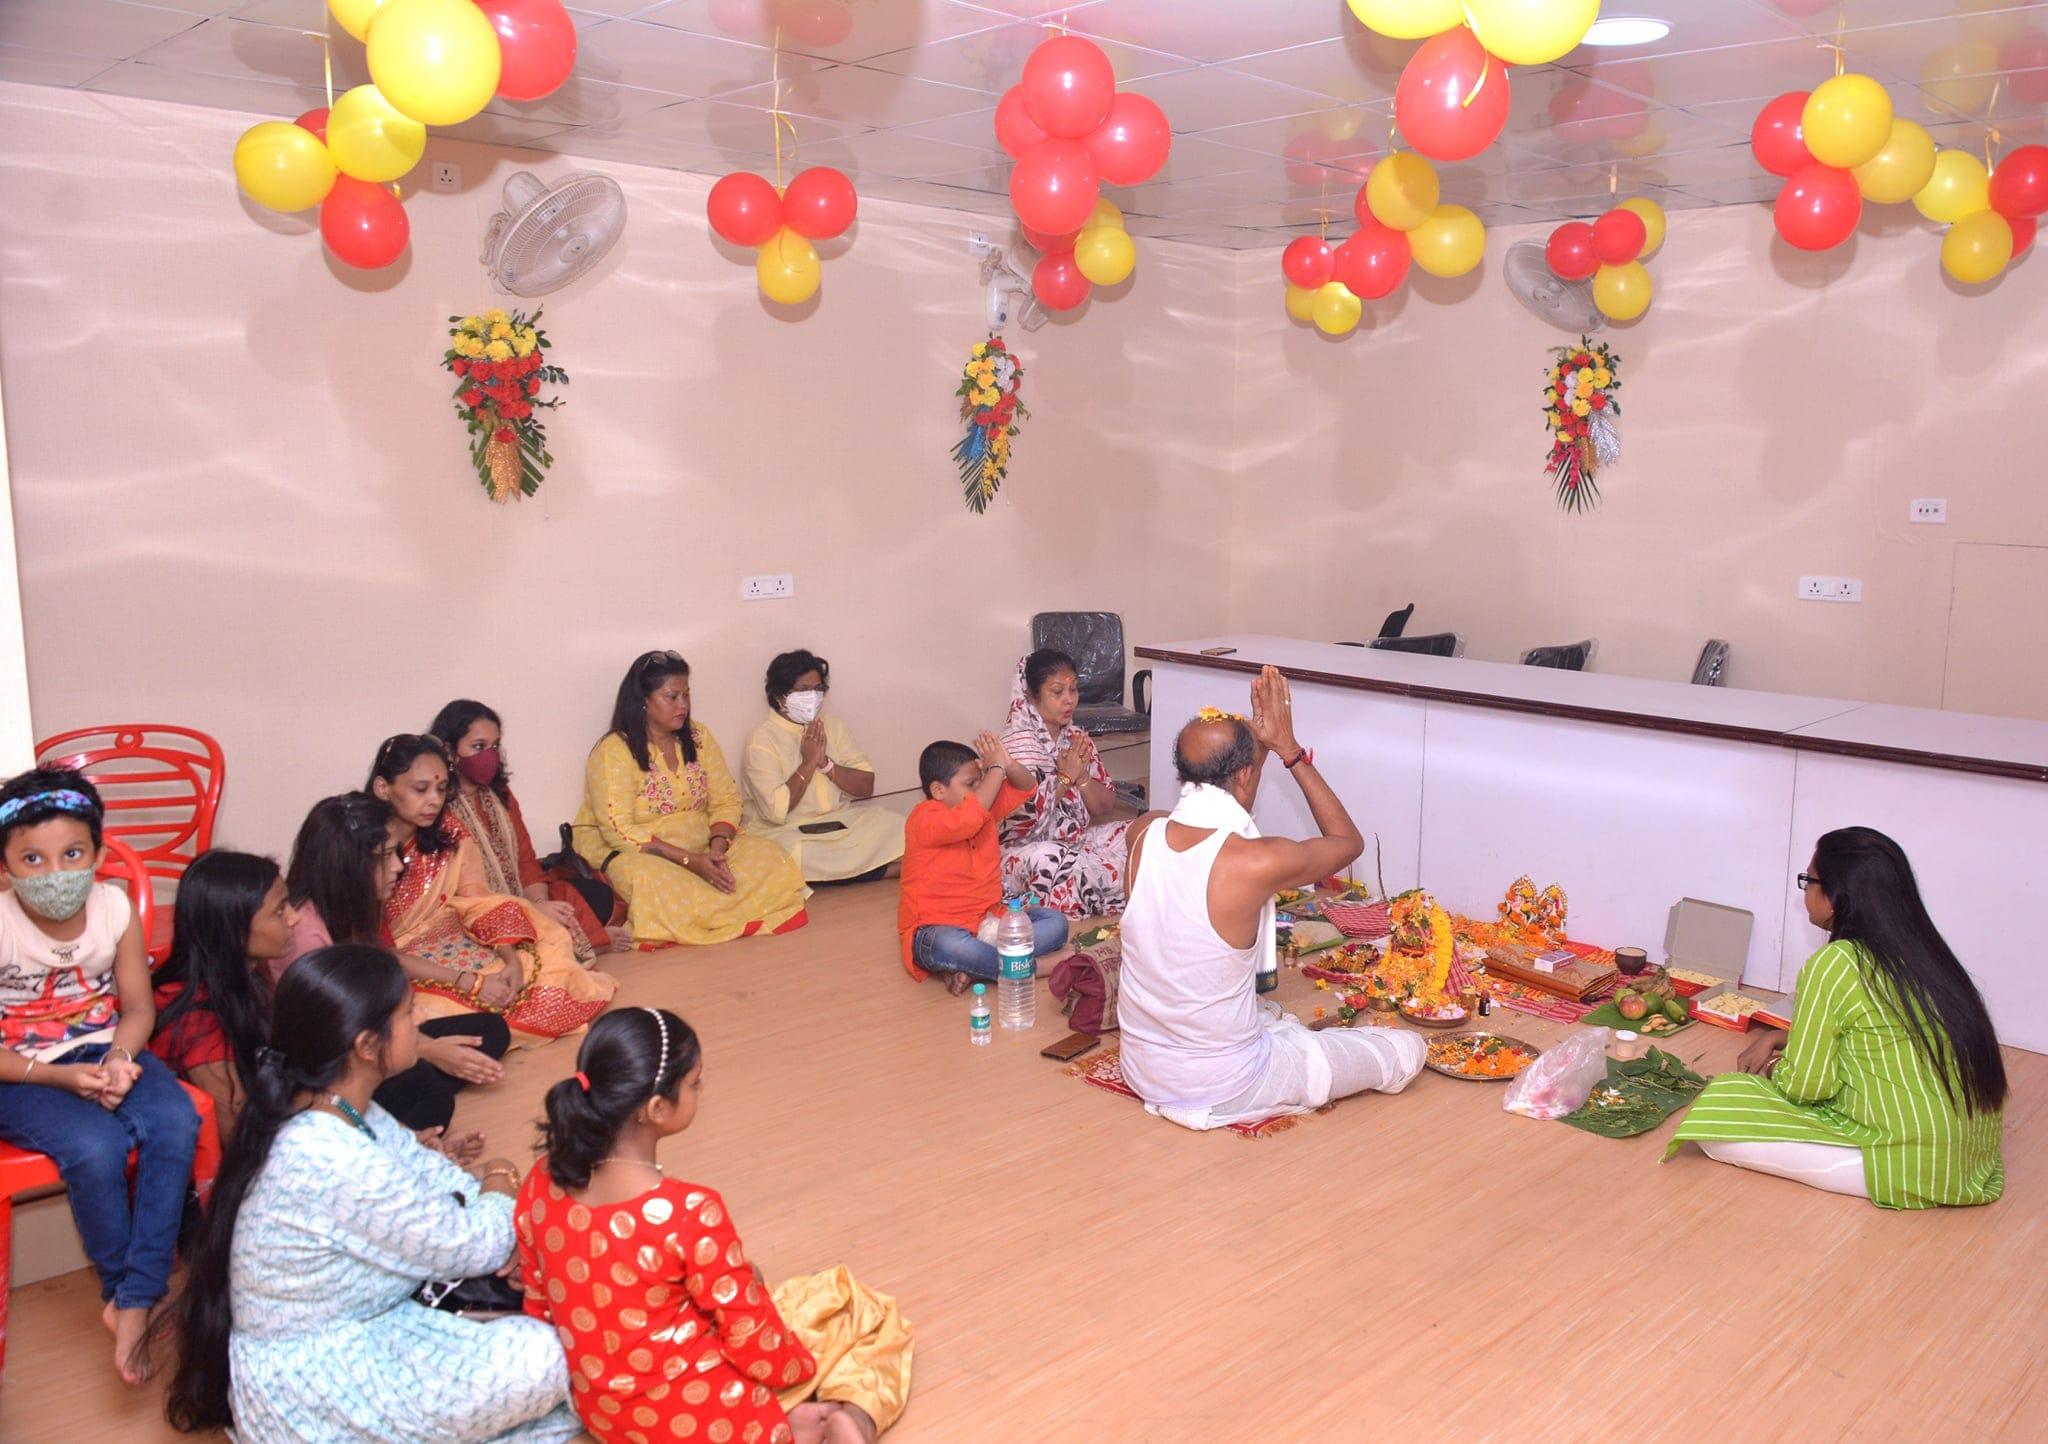 ক্লাবের প্রতিষ্ঠা দিবস। ক্লাব তাঁবুর ভিতরে ক্লাবের নতুন ঘরে পুজোর আয়োজন করা হয়েছিল। তখন ক্লাবে পুজো চলছে।